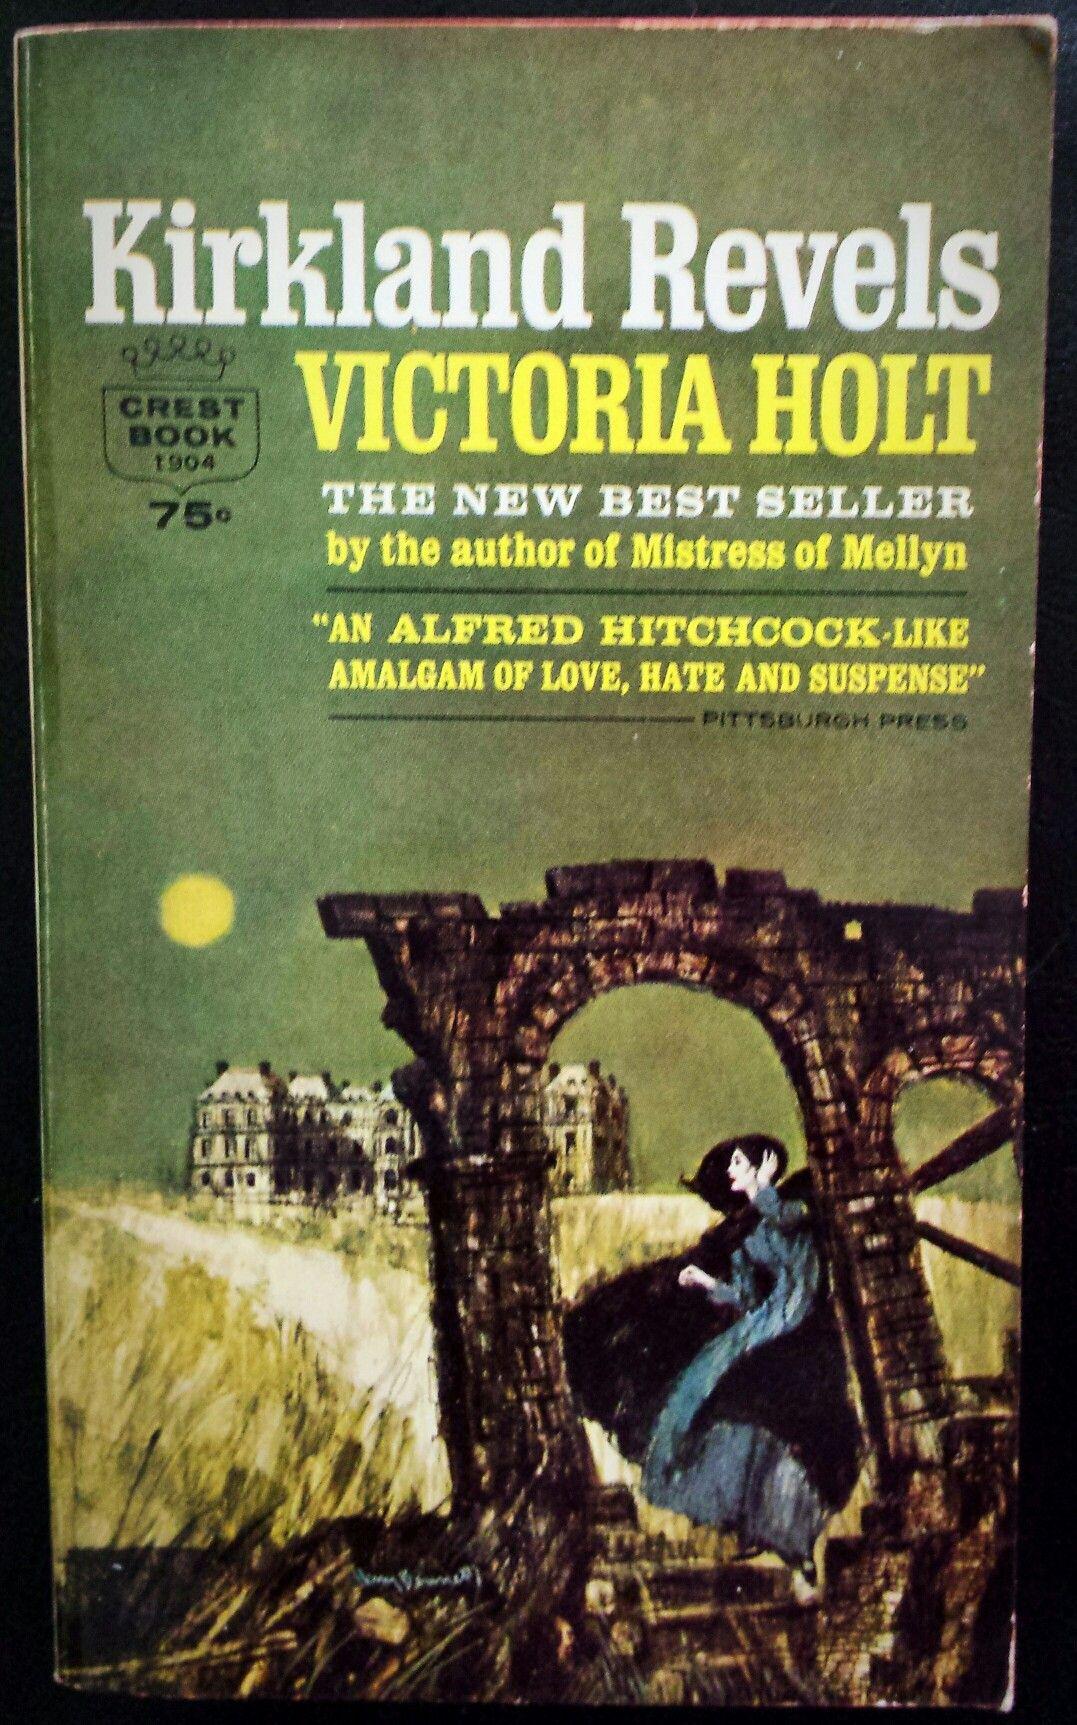 Kirkland Revels - Victoria Holt Cover art by Harry Bennett